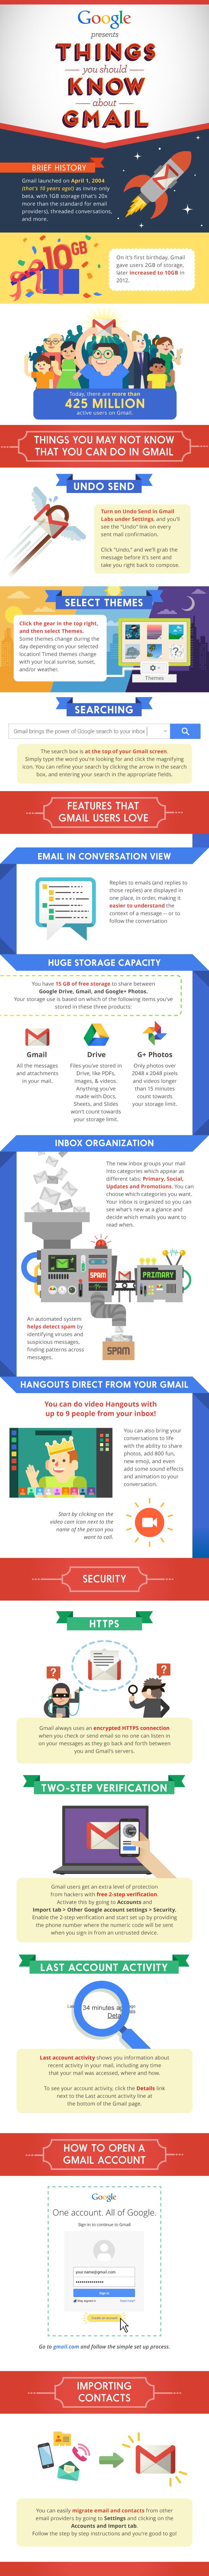 PH Gmail Infographic